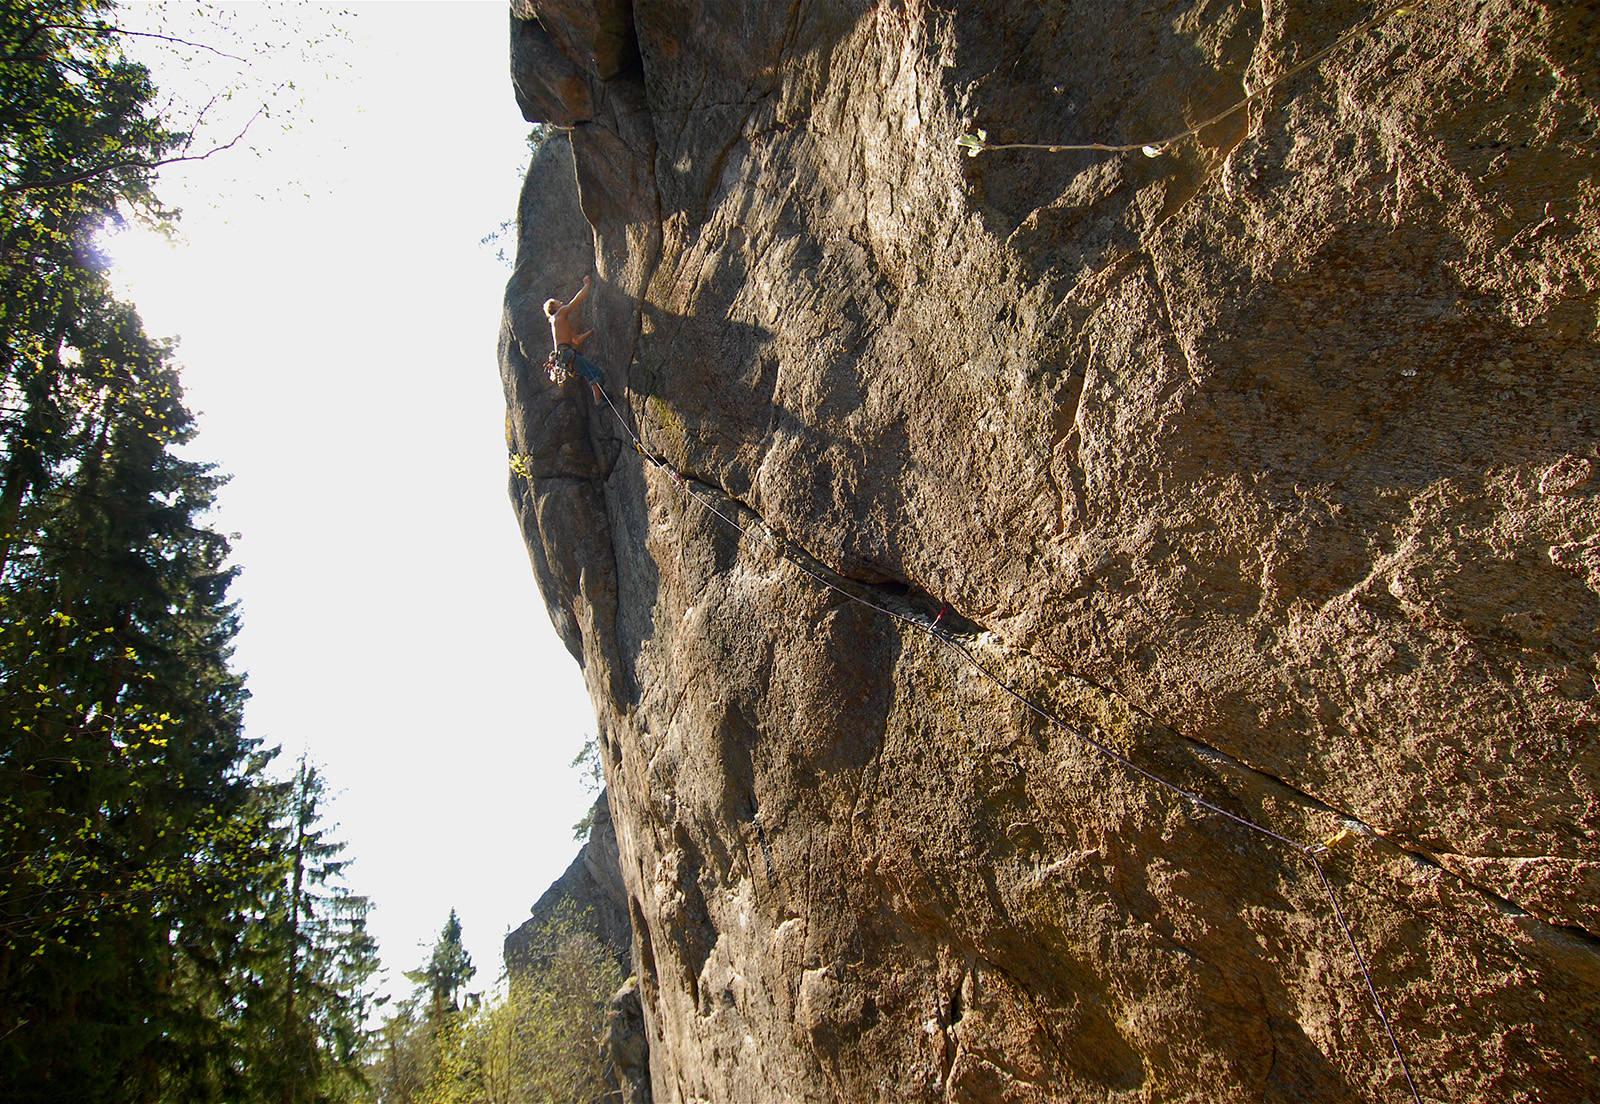 SKULPTURELL: Fenriss (7+) byr på teknisk interessant og pumpende klatring hele veien til topps. Klatrer: Leo Houlding. Foto: Dag Hagen